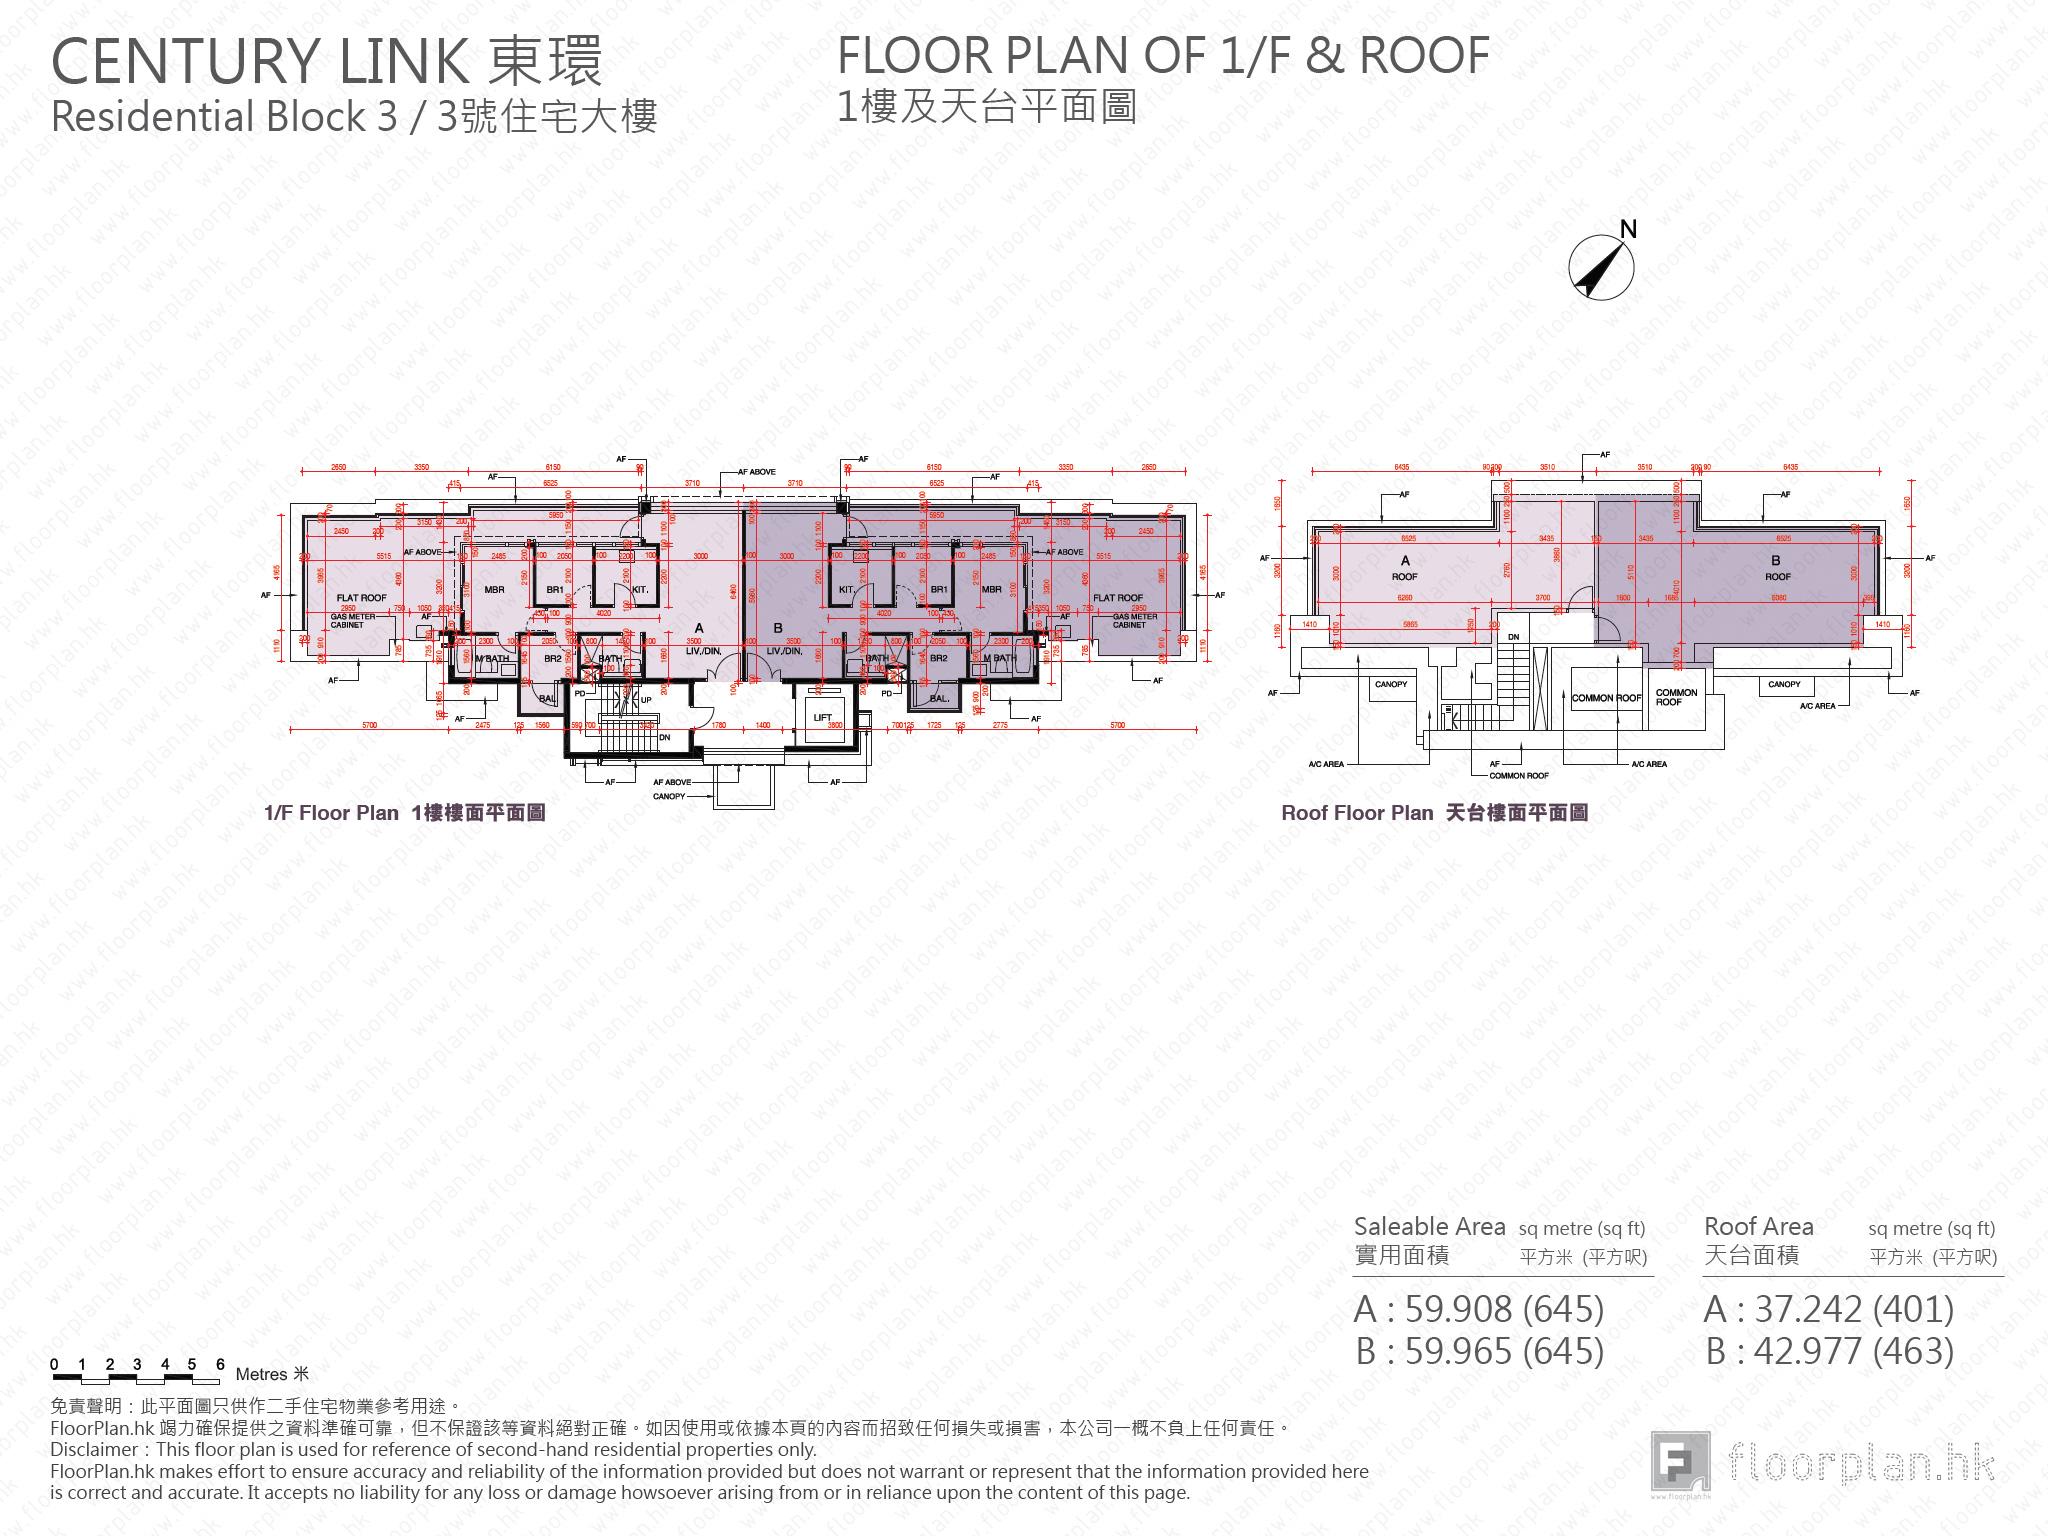 東環 平面圖floorplan Hk